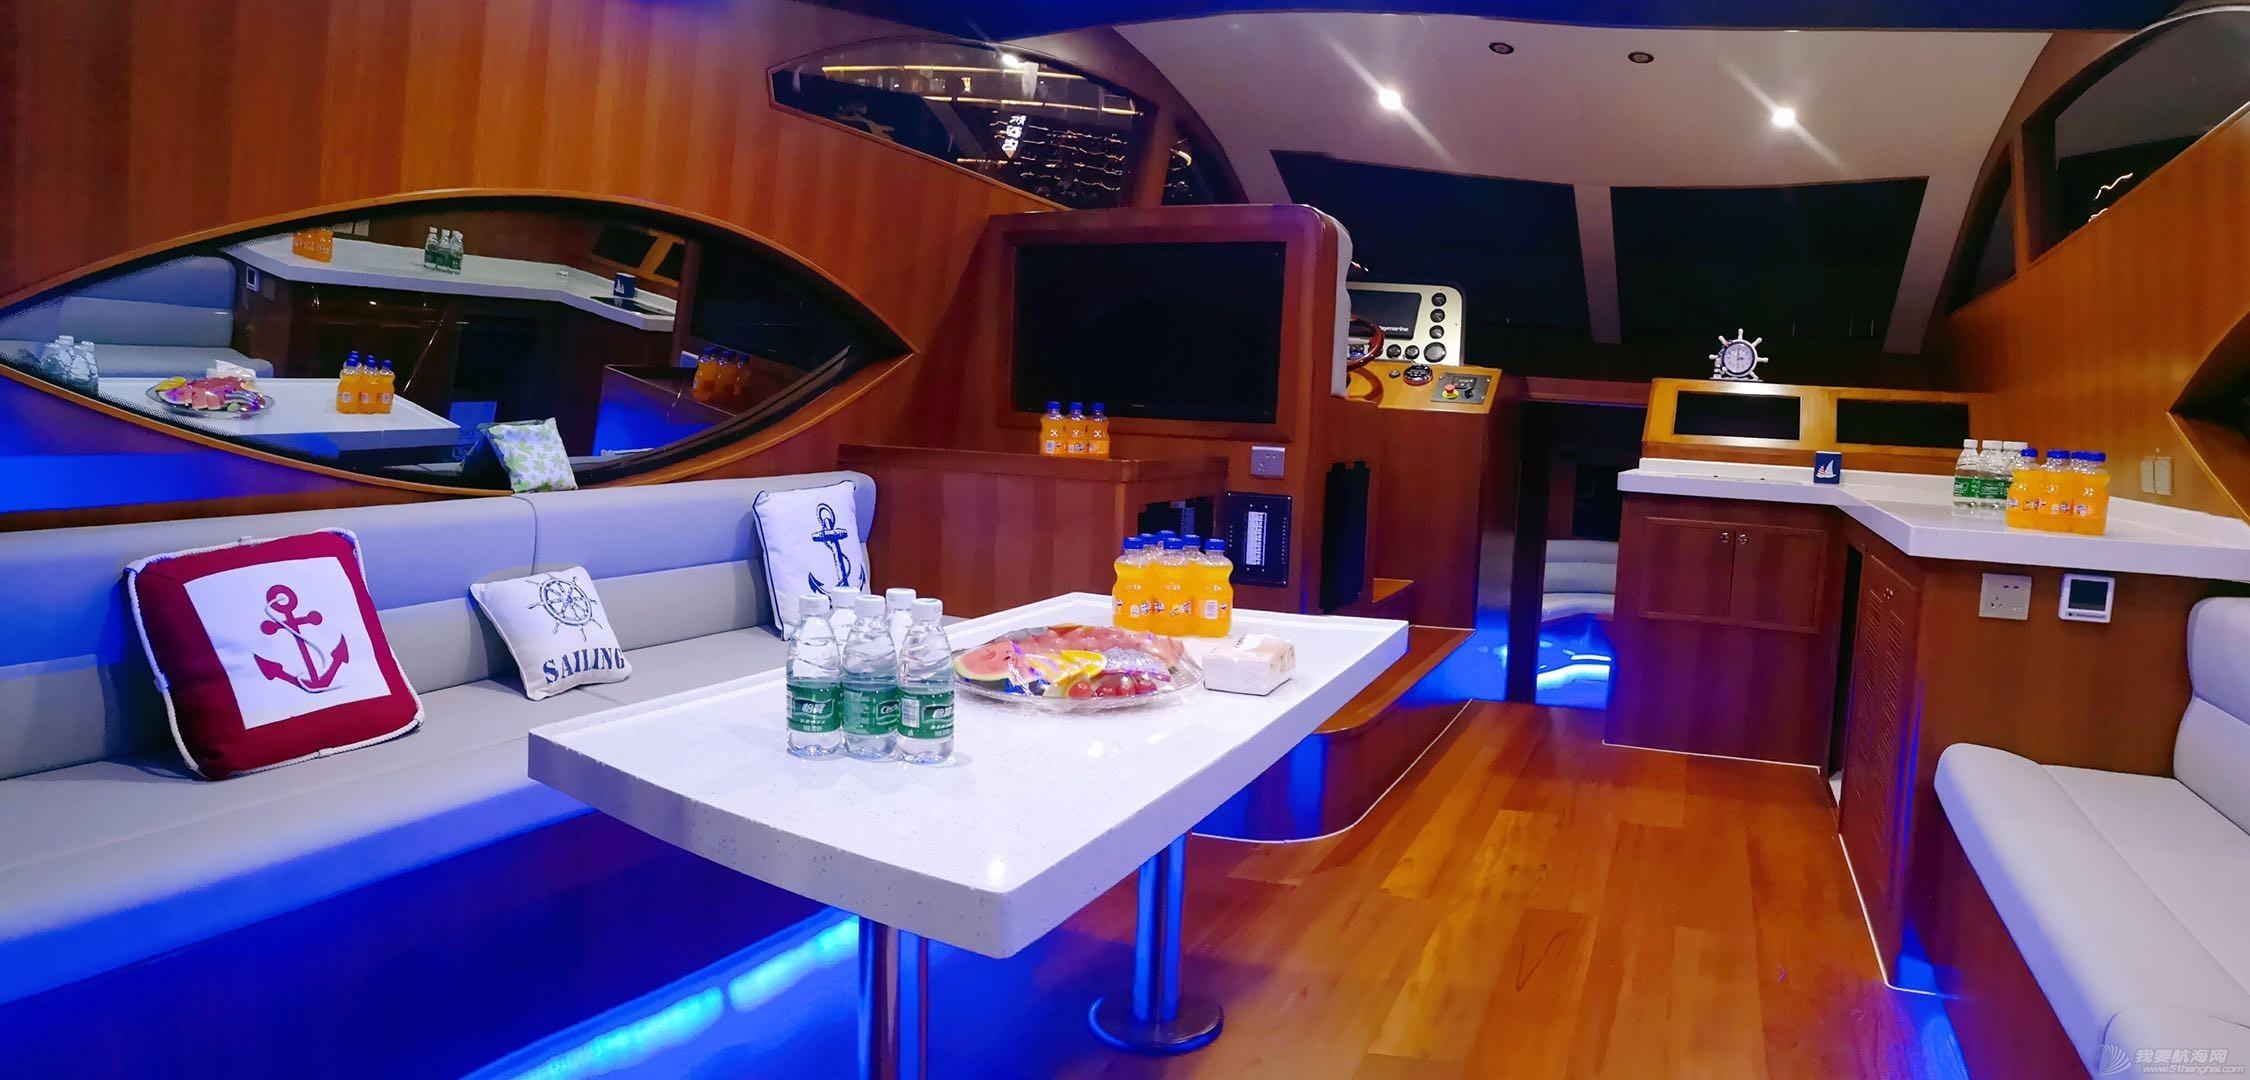 (全新现船)ZF530豪华飞桥游艇